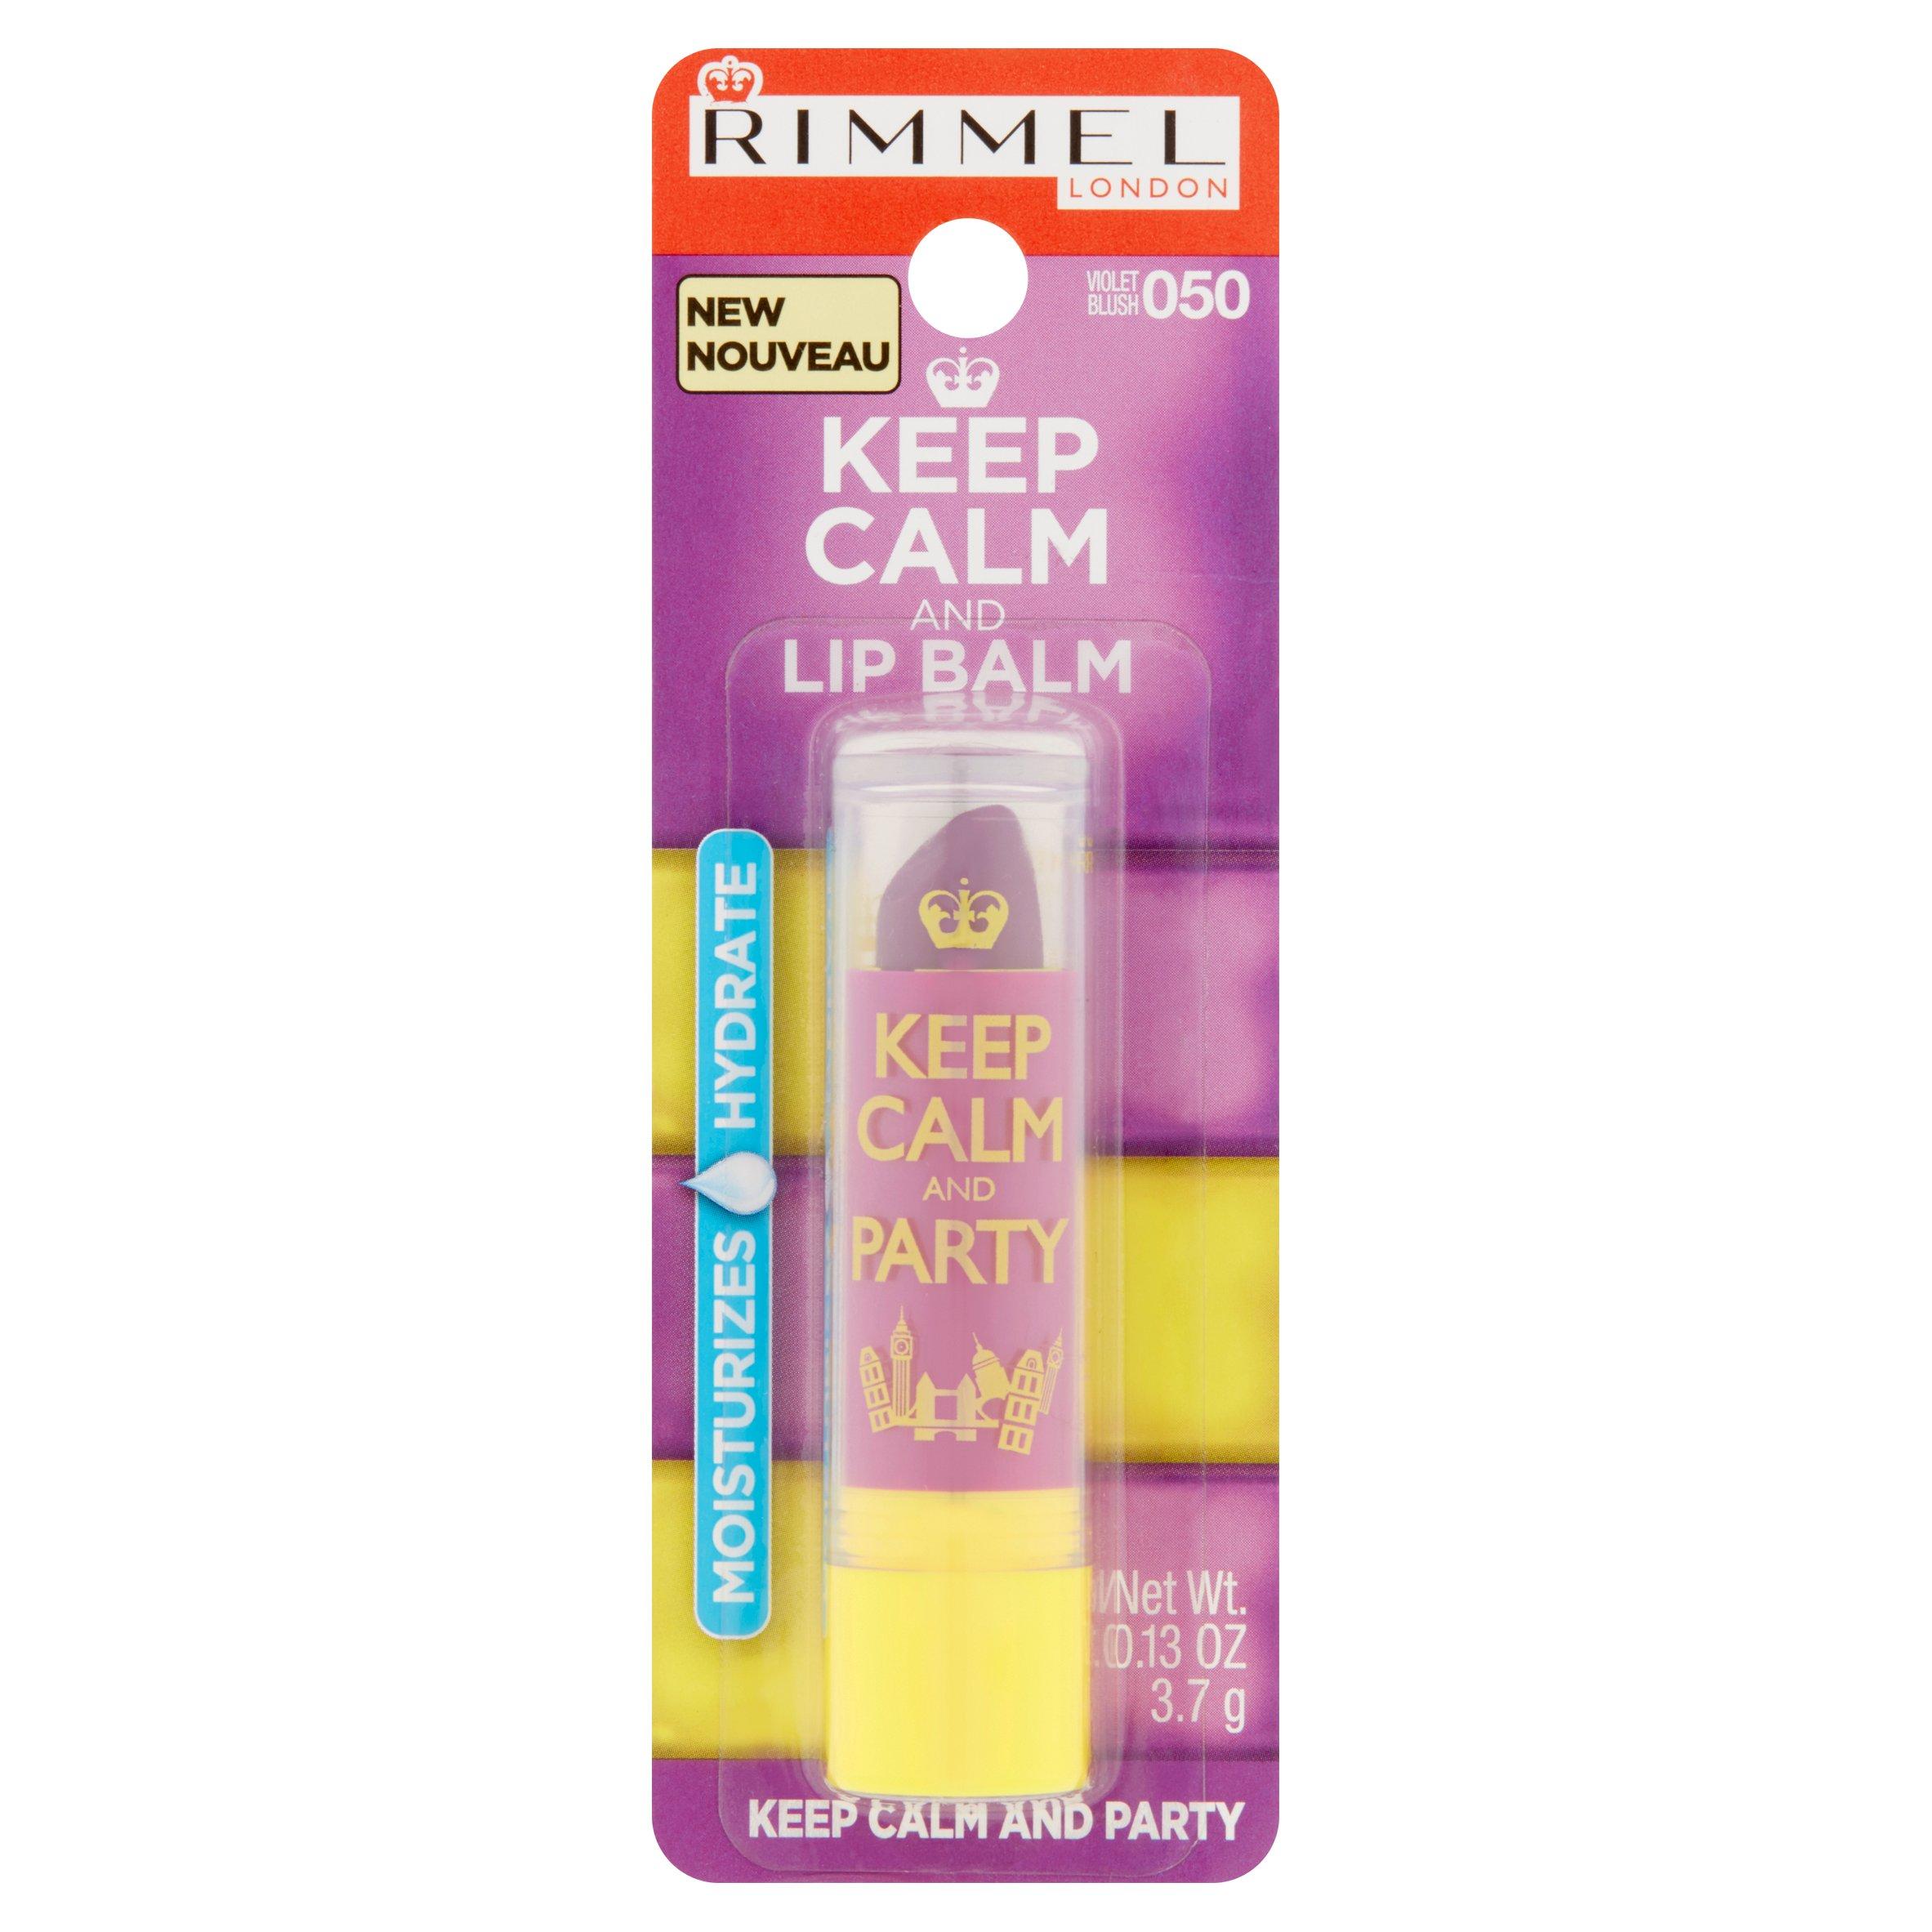 Rimmel Keep Calm and Kiss Lip Balm, 020 Pink Blush, 0.13 oz ...